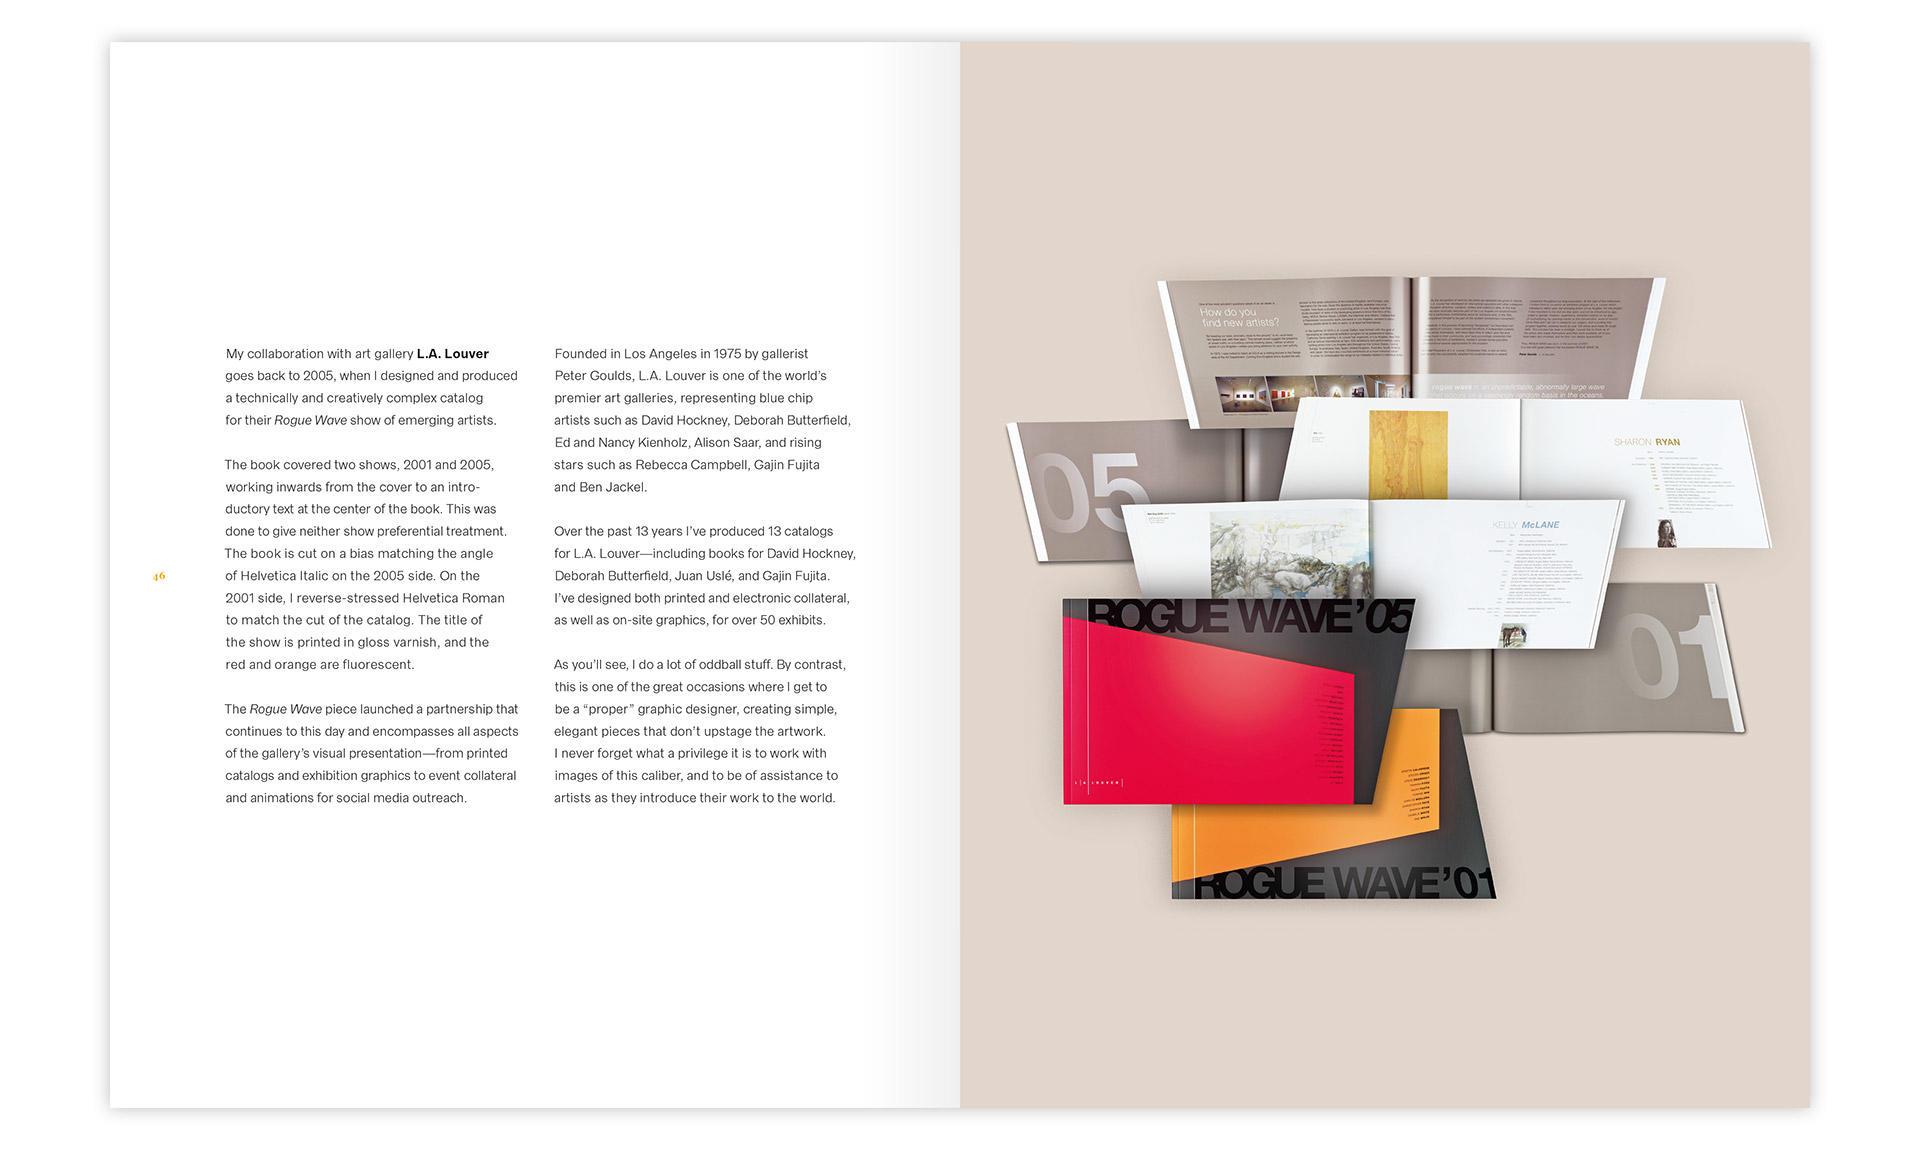 nda-book-spread-la-louver-2@2x.jpg